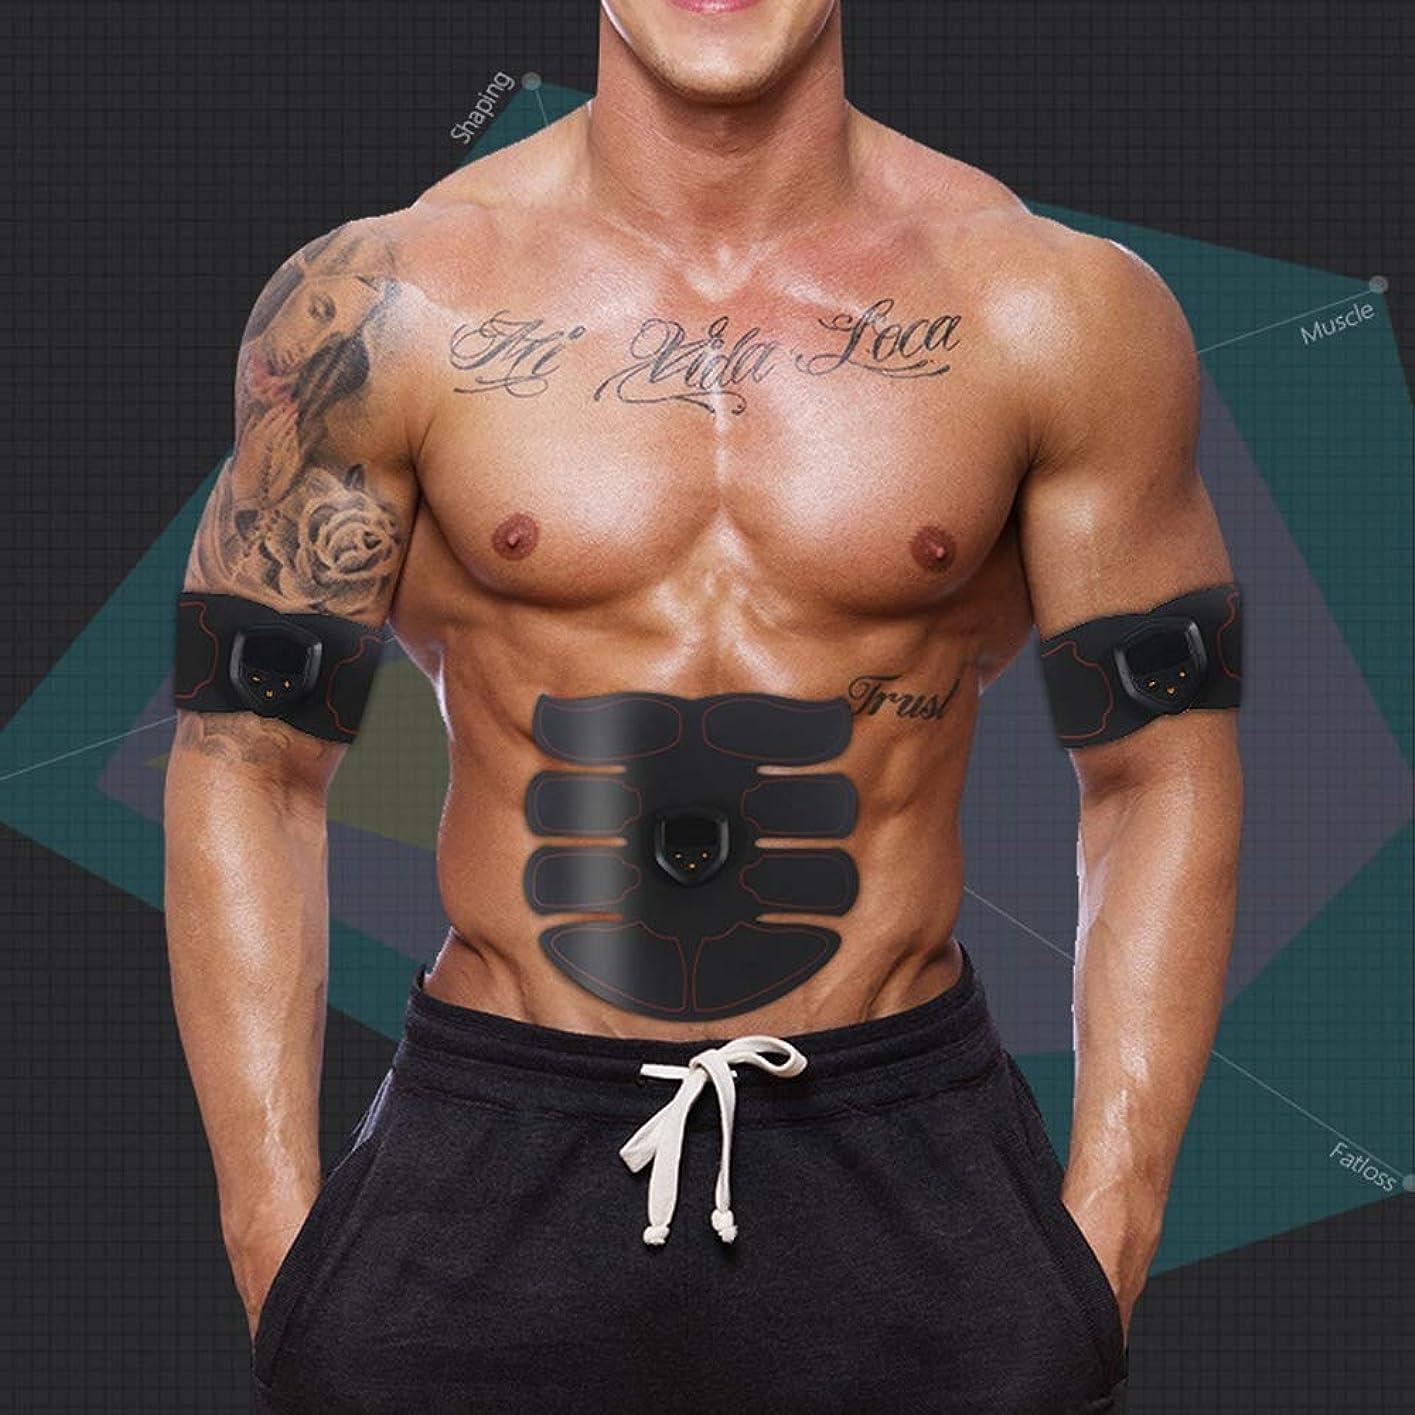 圧縮する警官立場スマート腹部usb充電式筋肉刺激装置ems absトレーナー減量機フルウエストスポーツマッサージャーユニセックスフィットネス機器